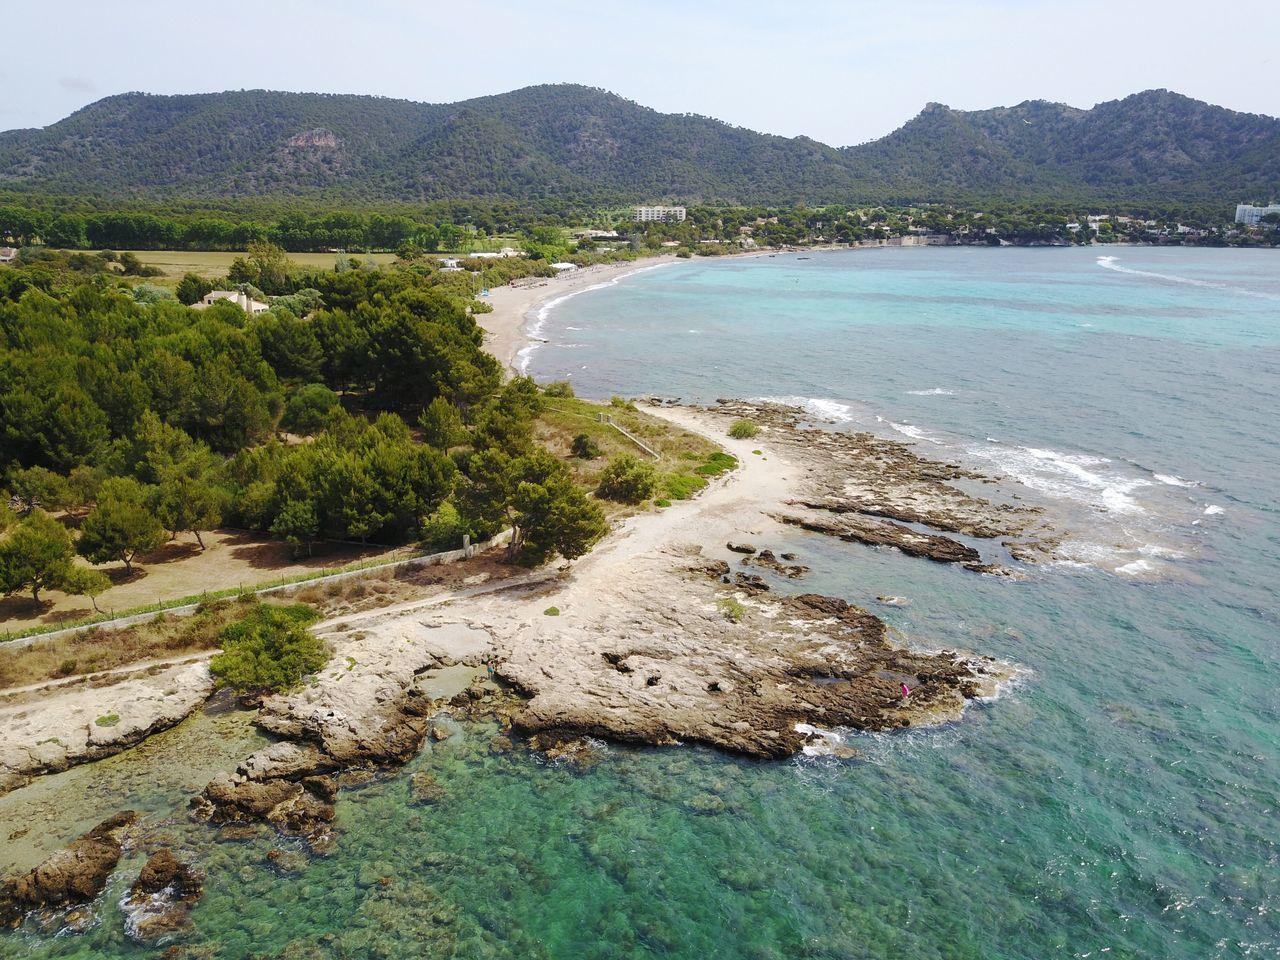 Coastline Mallorca Drone